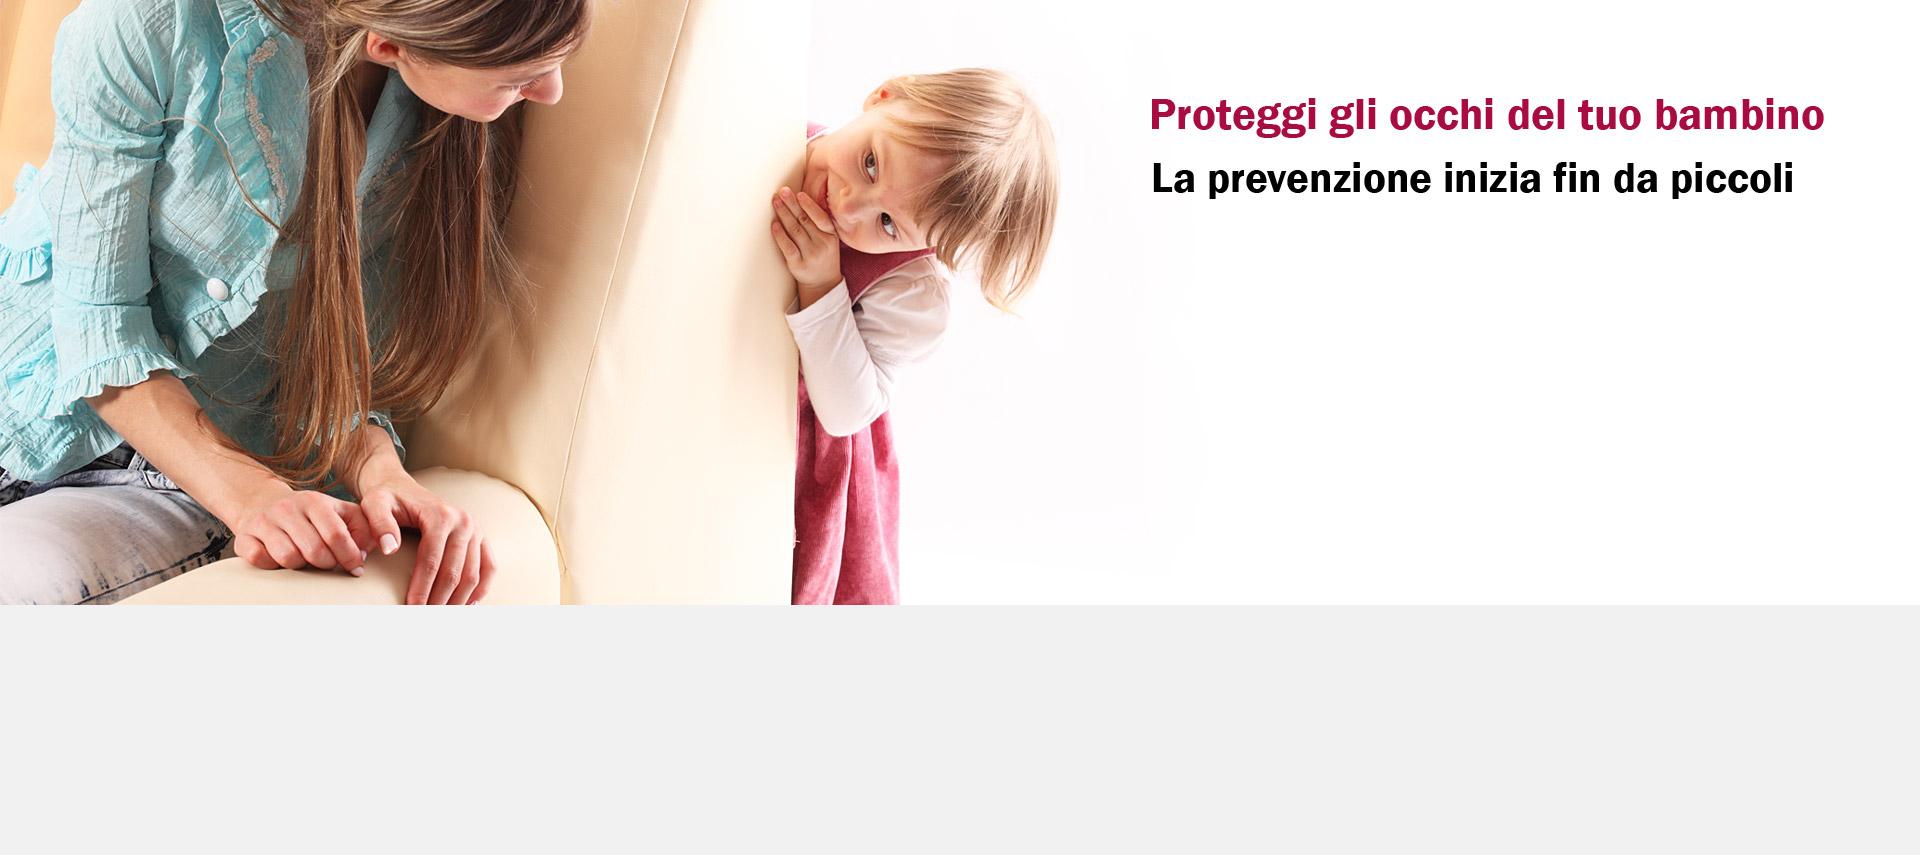 Proteggi gli occhi del tuo bambino - La prevenzione inizia fin da piccoli